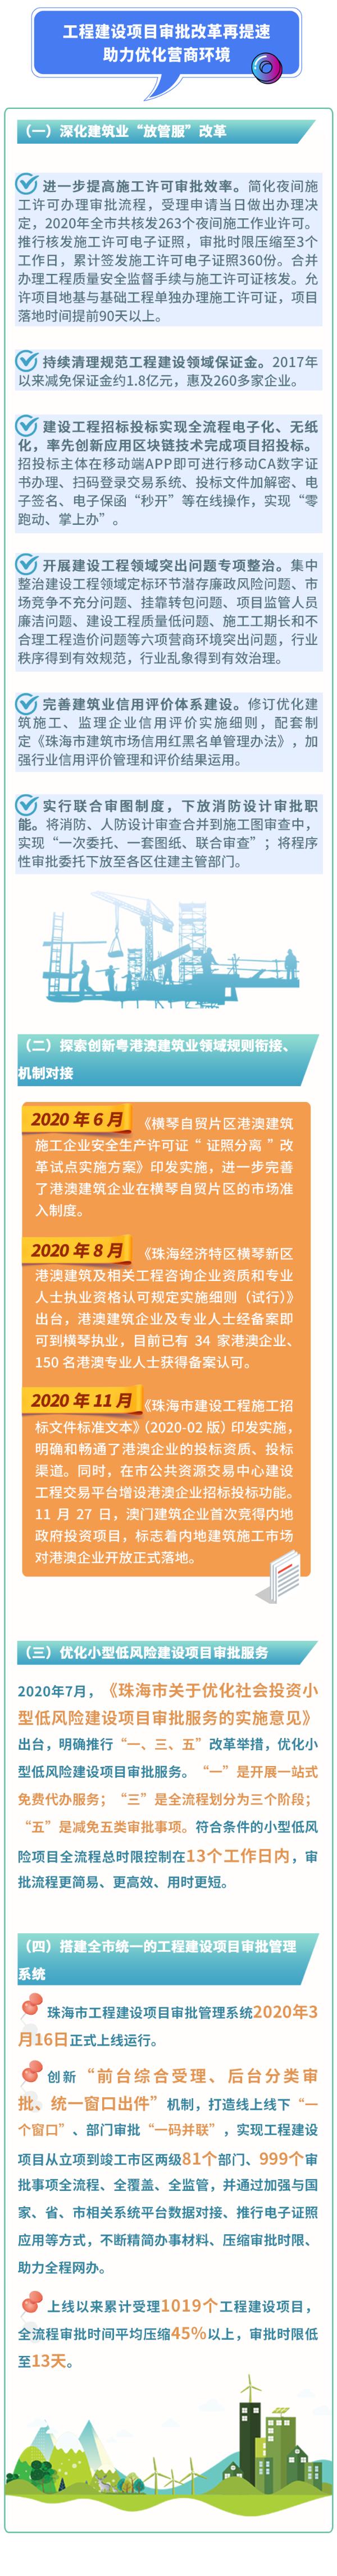 【2020,我们的住房城乡建设】图说珠海住建2020